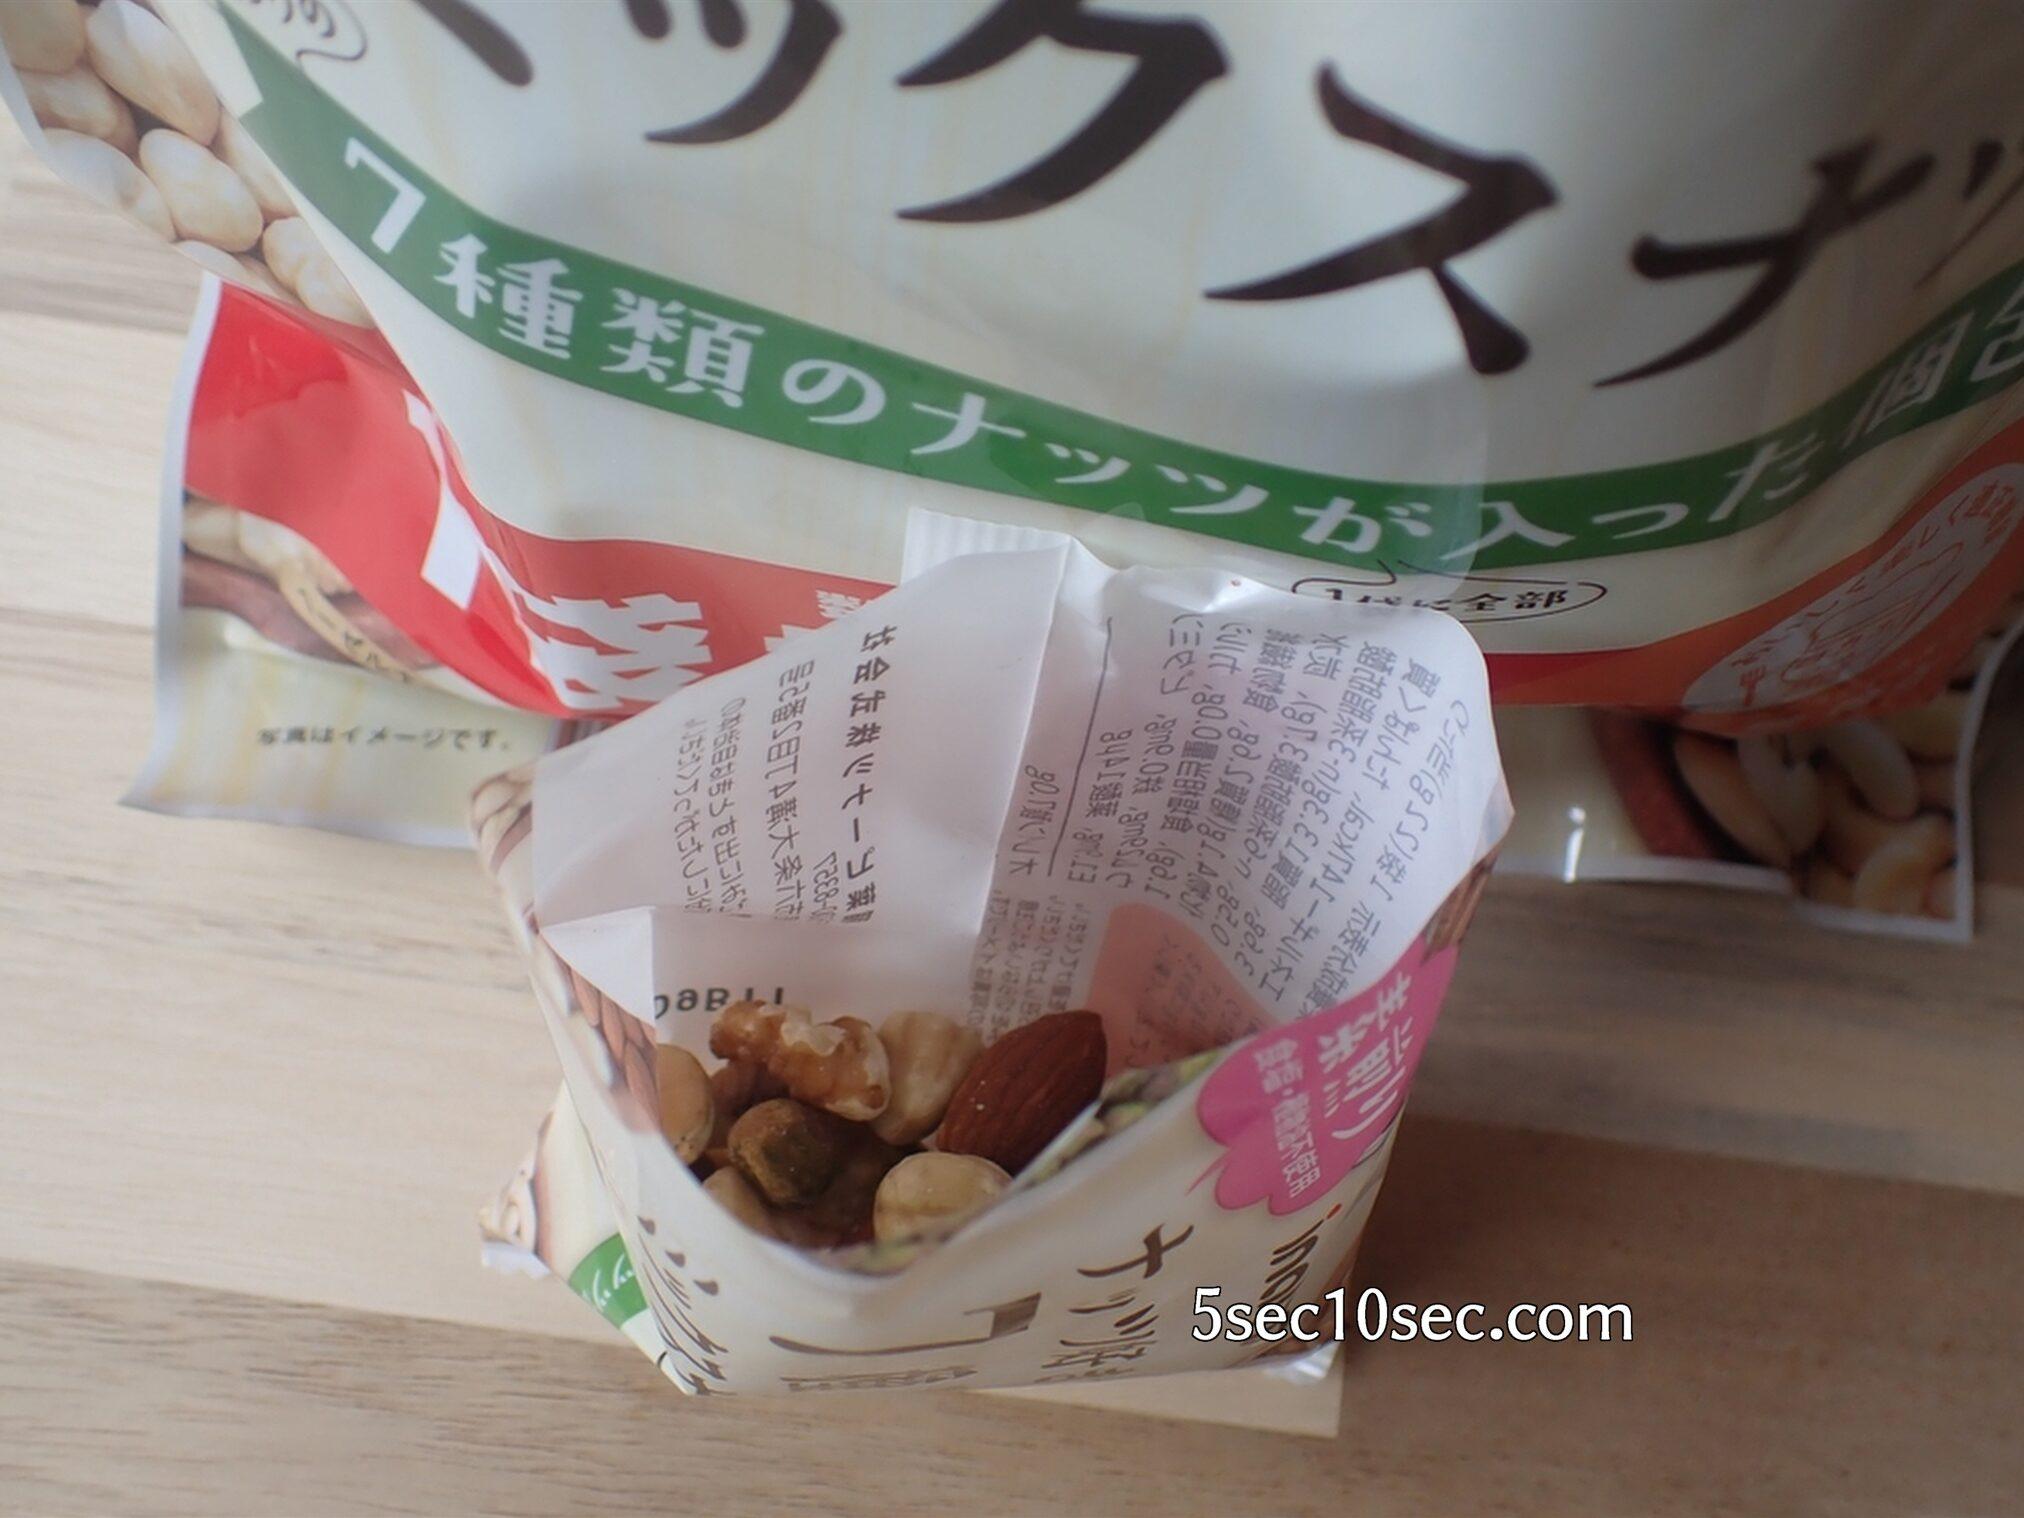 一日分にちょうどいい個包装だから外出先で食べる持ち歩き用ナッツとしても良いです 稲葉 inaba ナッツ好きの7種類ミックスナッツ